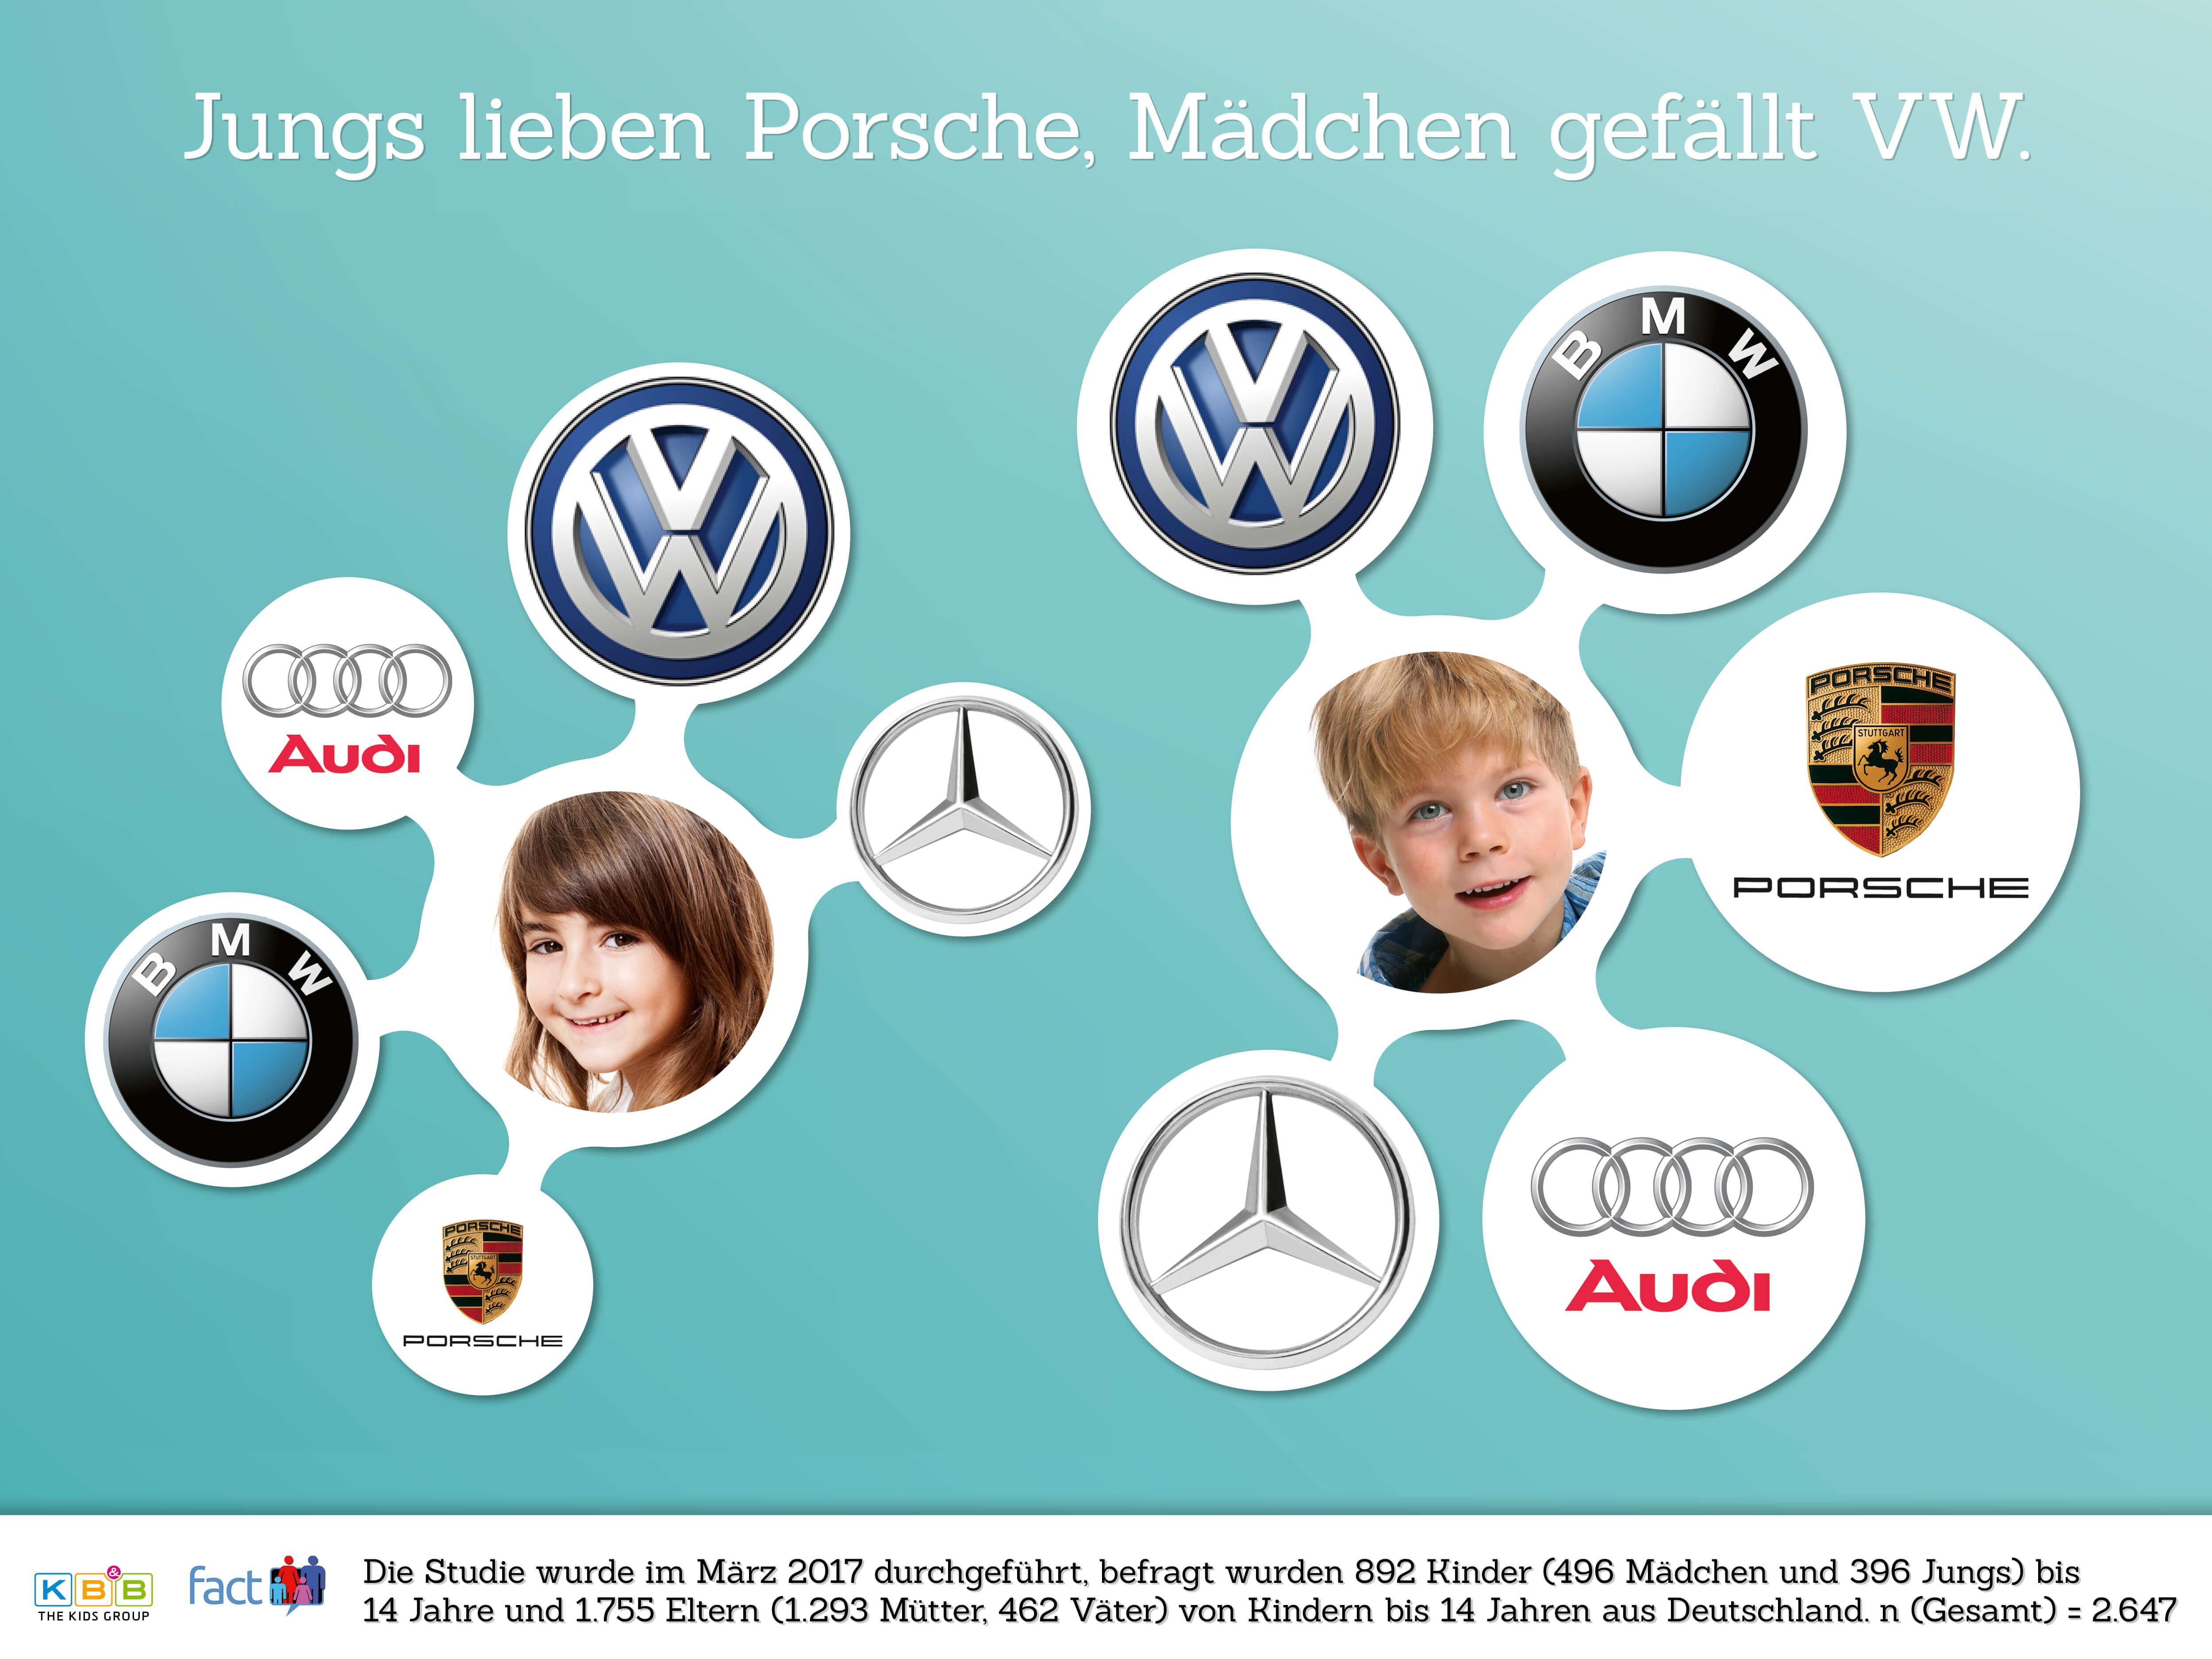 Jungs lieben Porsche